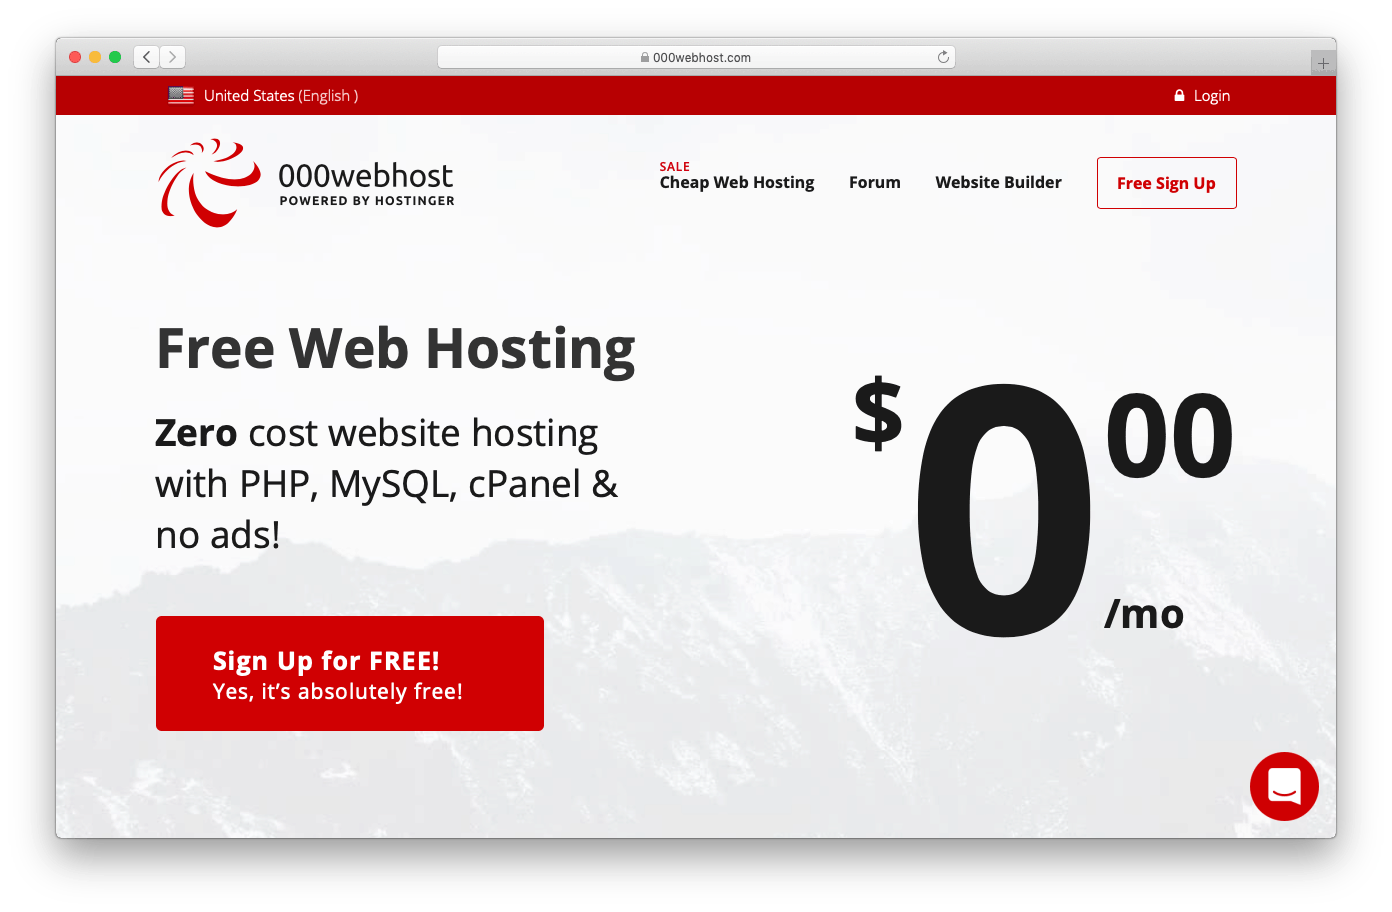 000webhost is The Best Free Webhosting